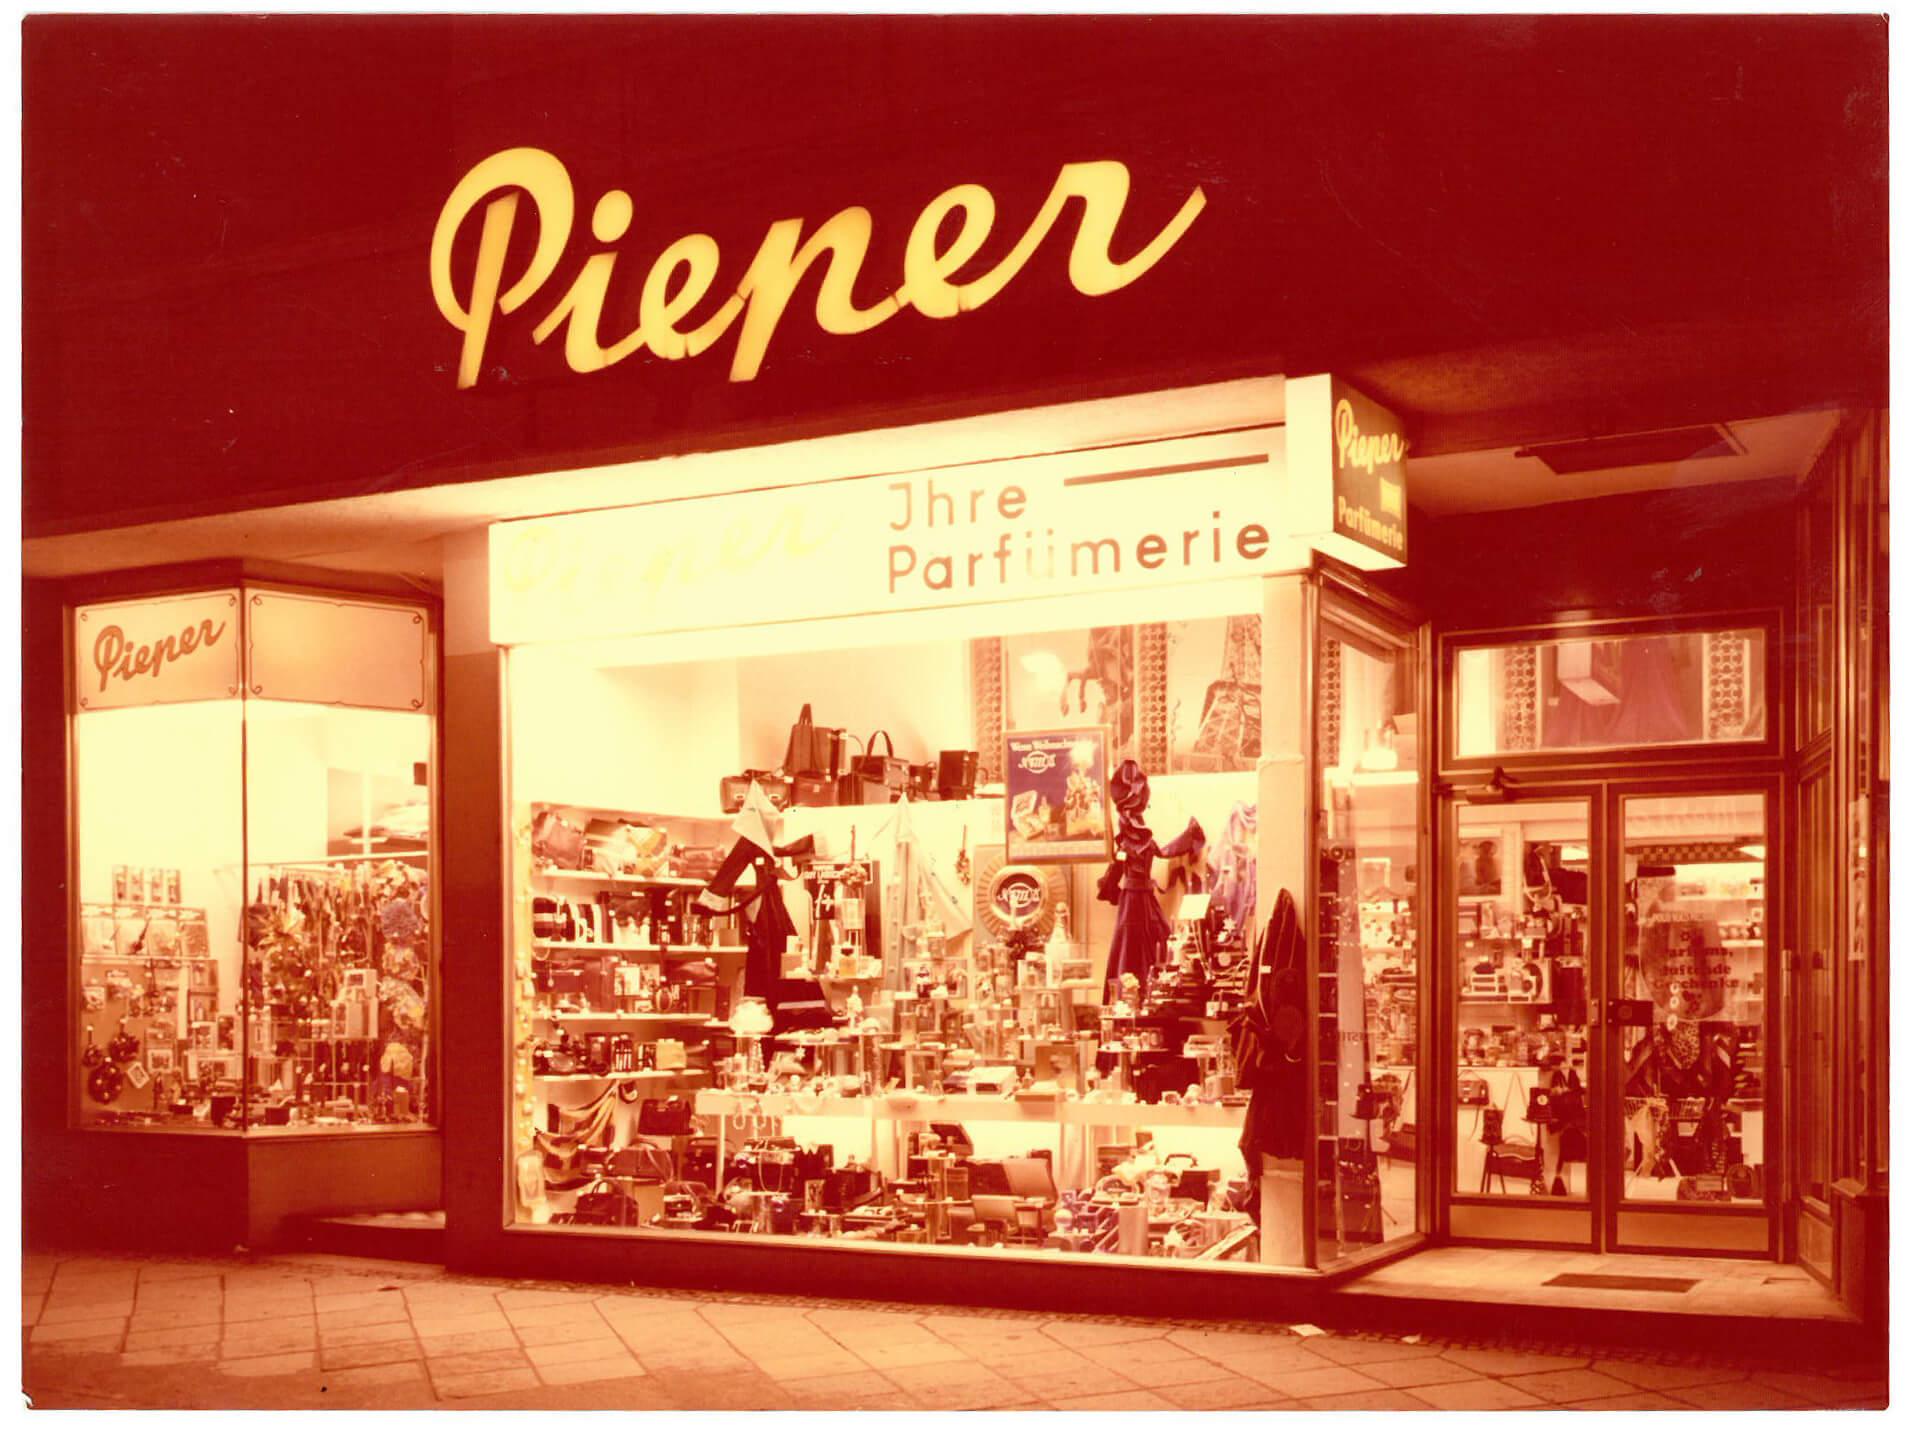 Parfumerie-Pieper_1968_2